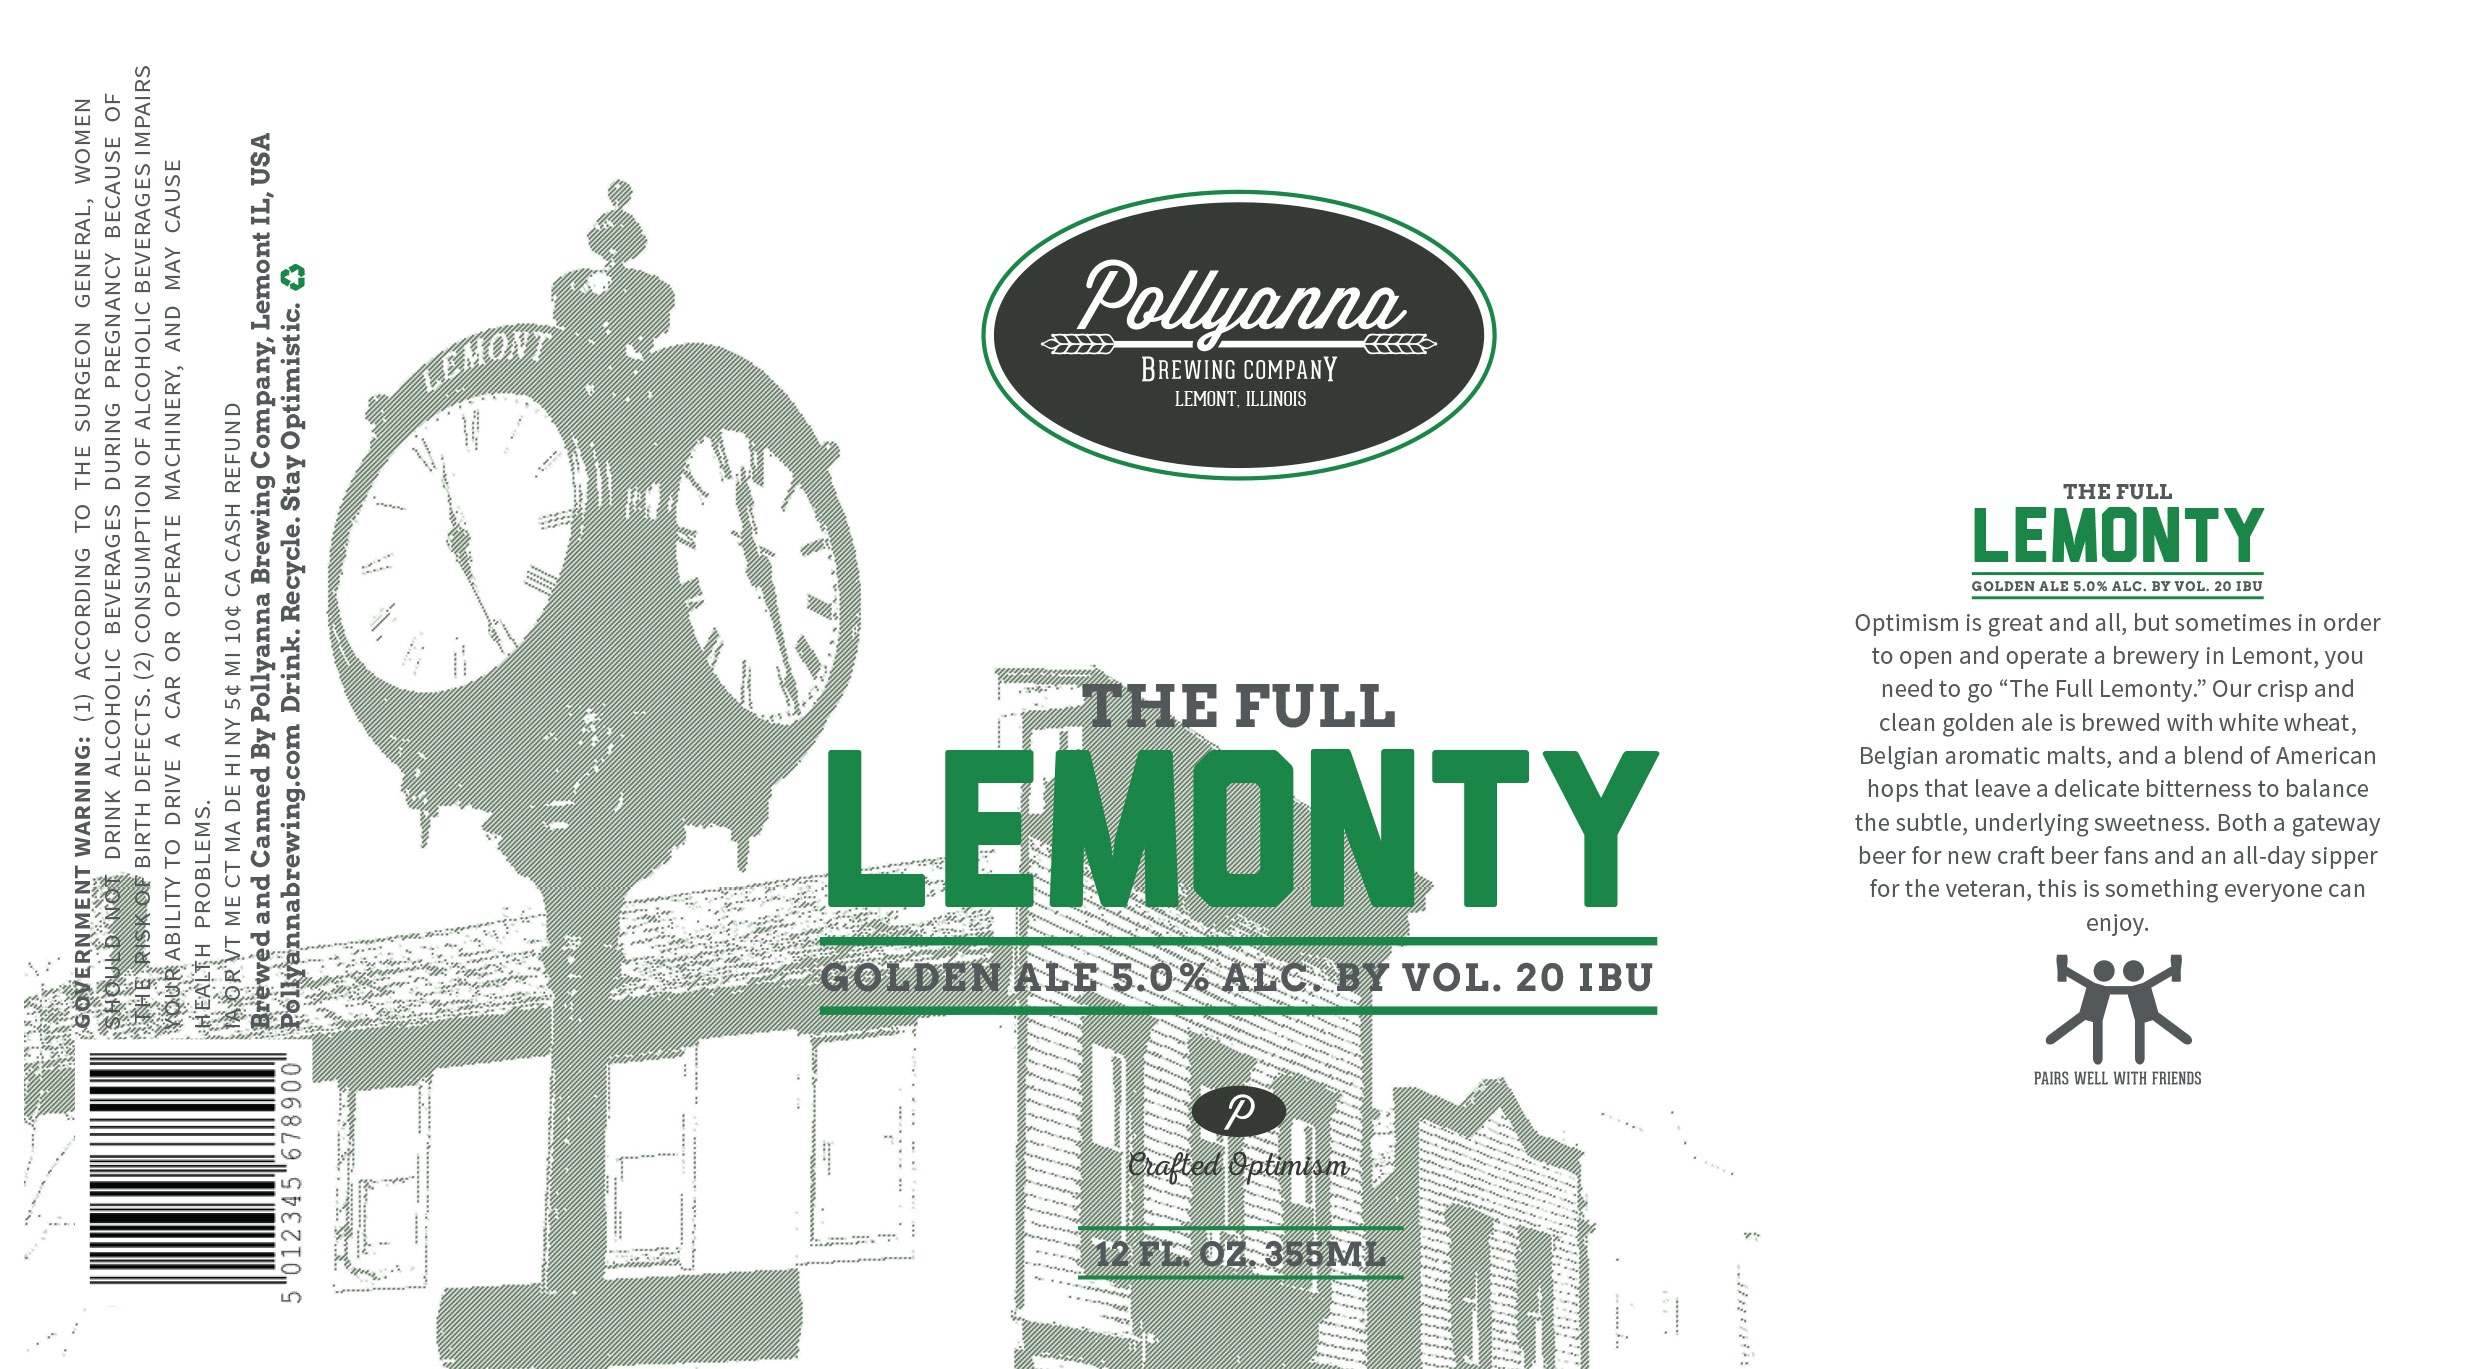 Pollyanna The Full Lemonty